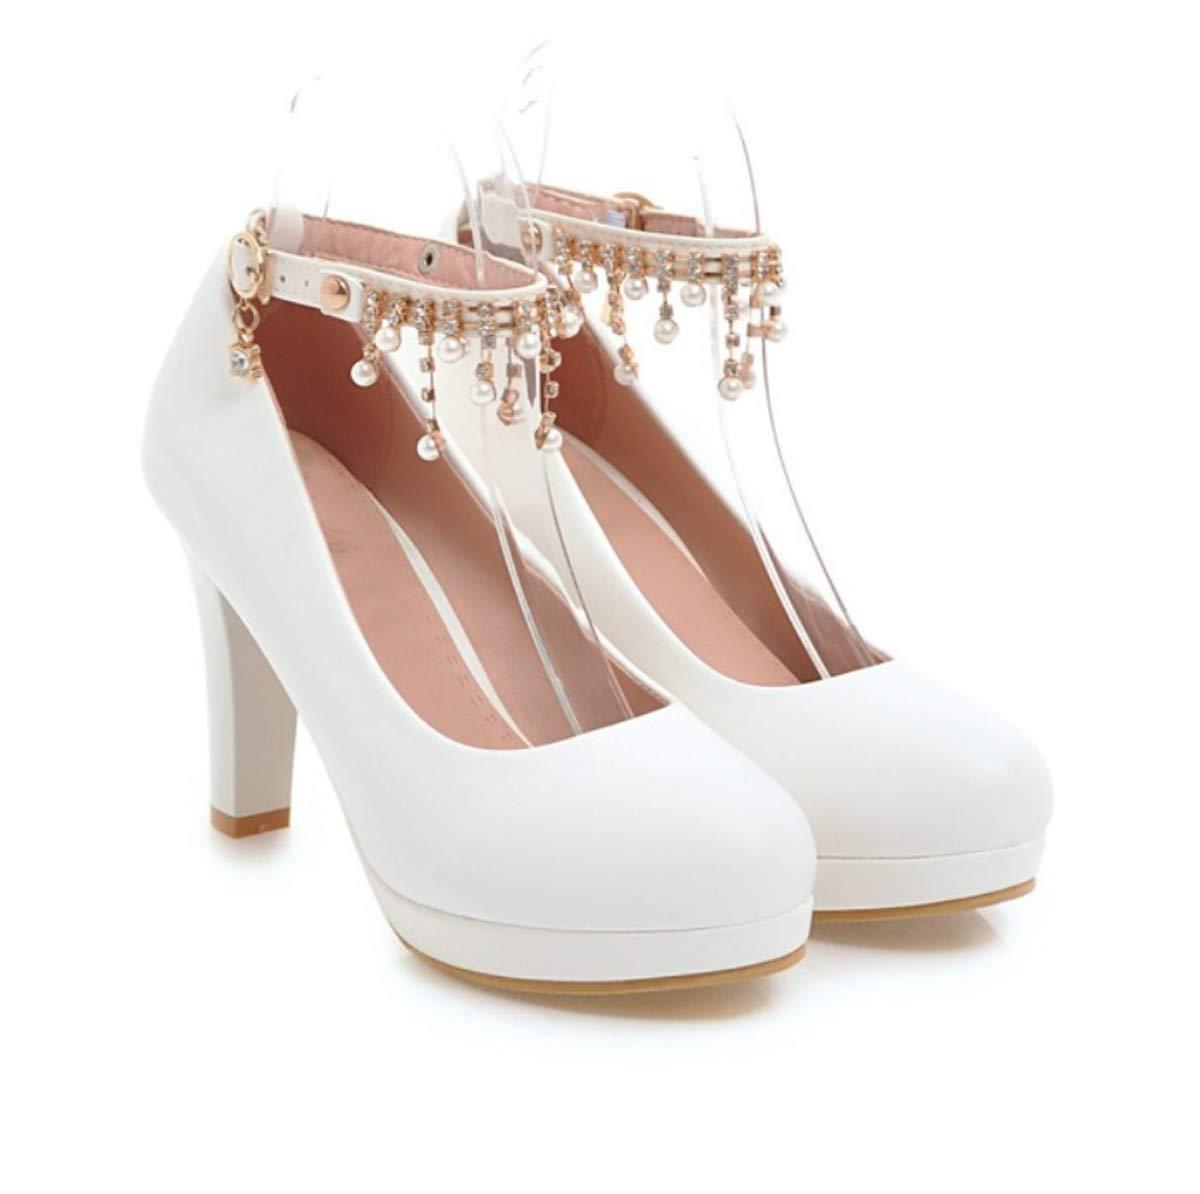 HBDLH Damenschuhe Frühling 10 cm High Heels Damenschuhe Süße Mode Dicke Schuhe Wasserdichte Tabelle Schuhe Flachen Mund Schnalle Arbeiten Schuhe